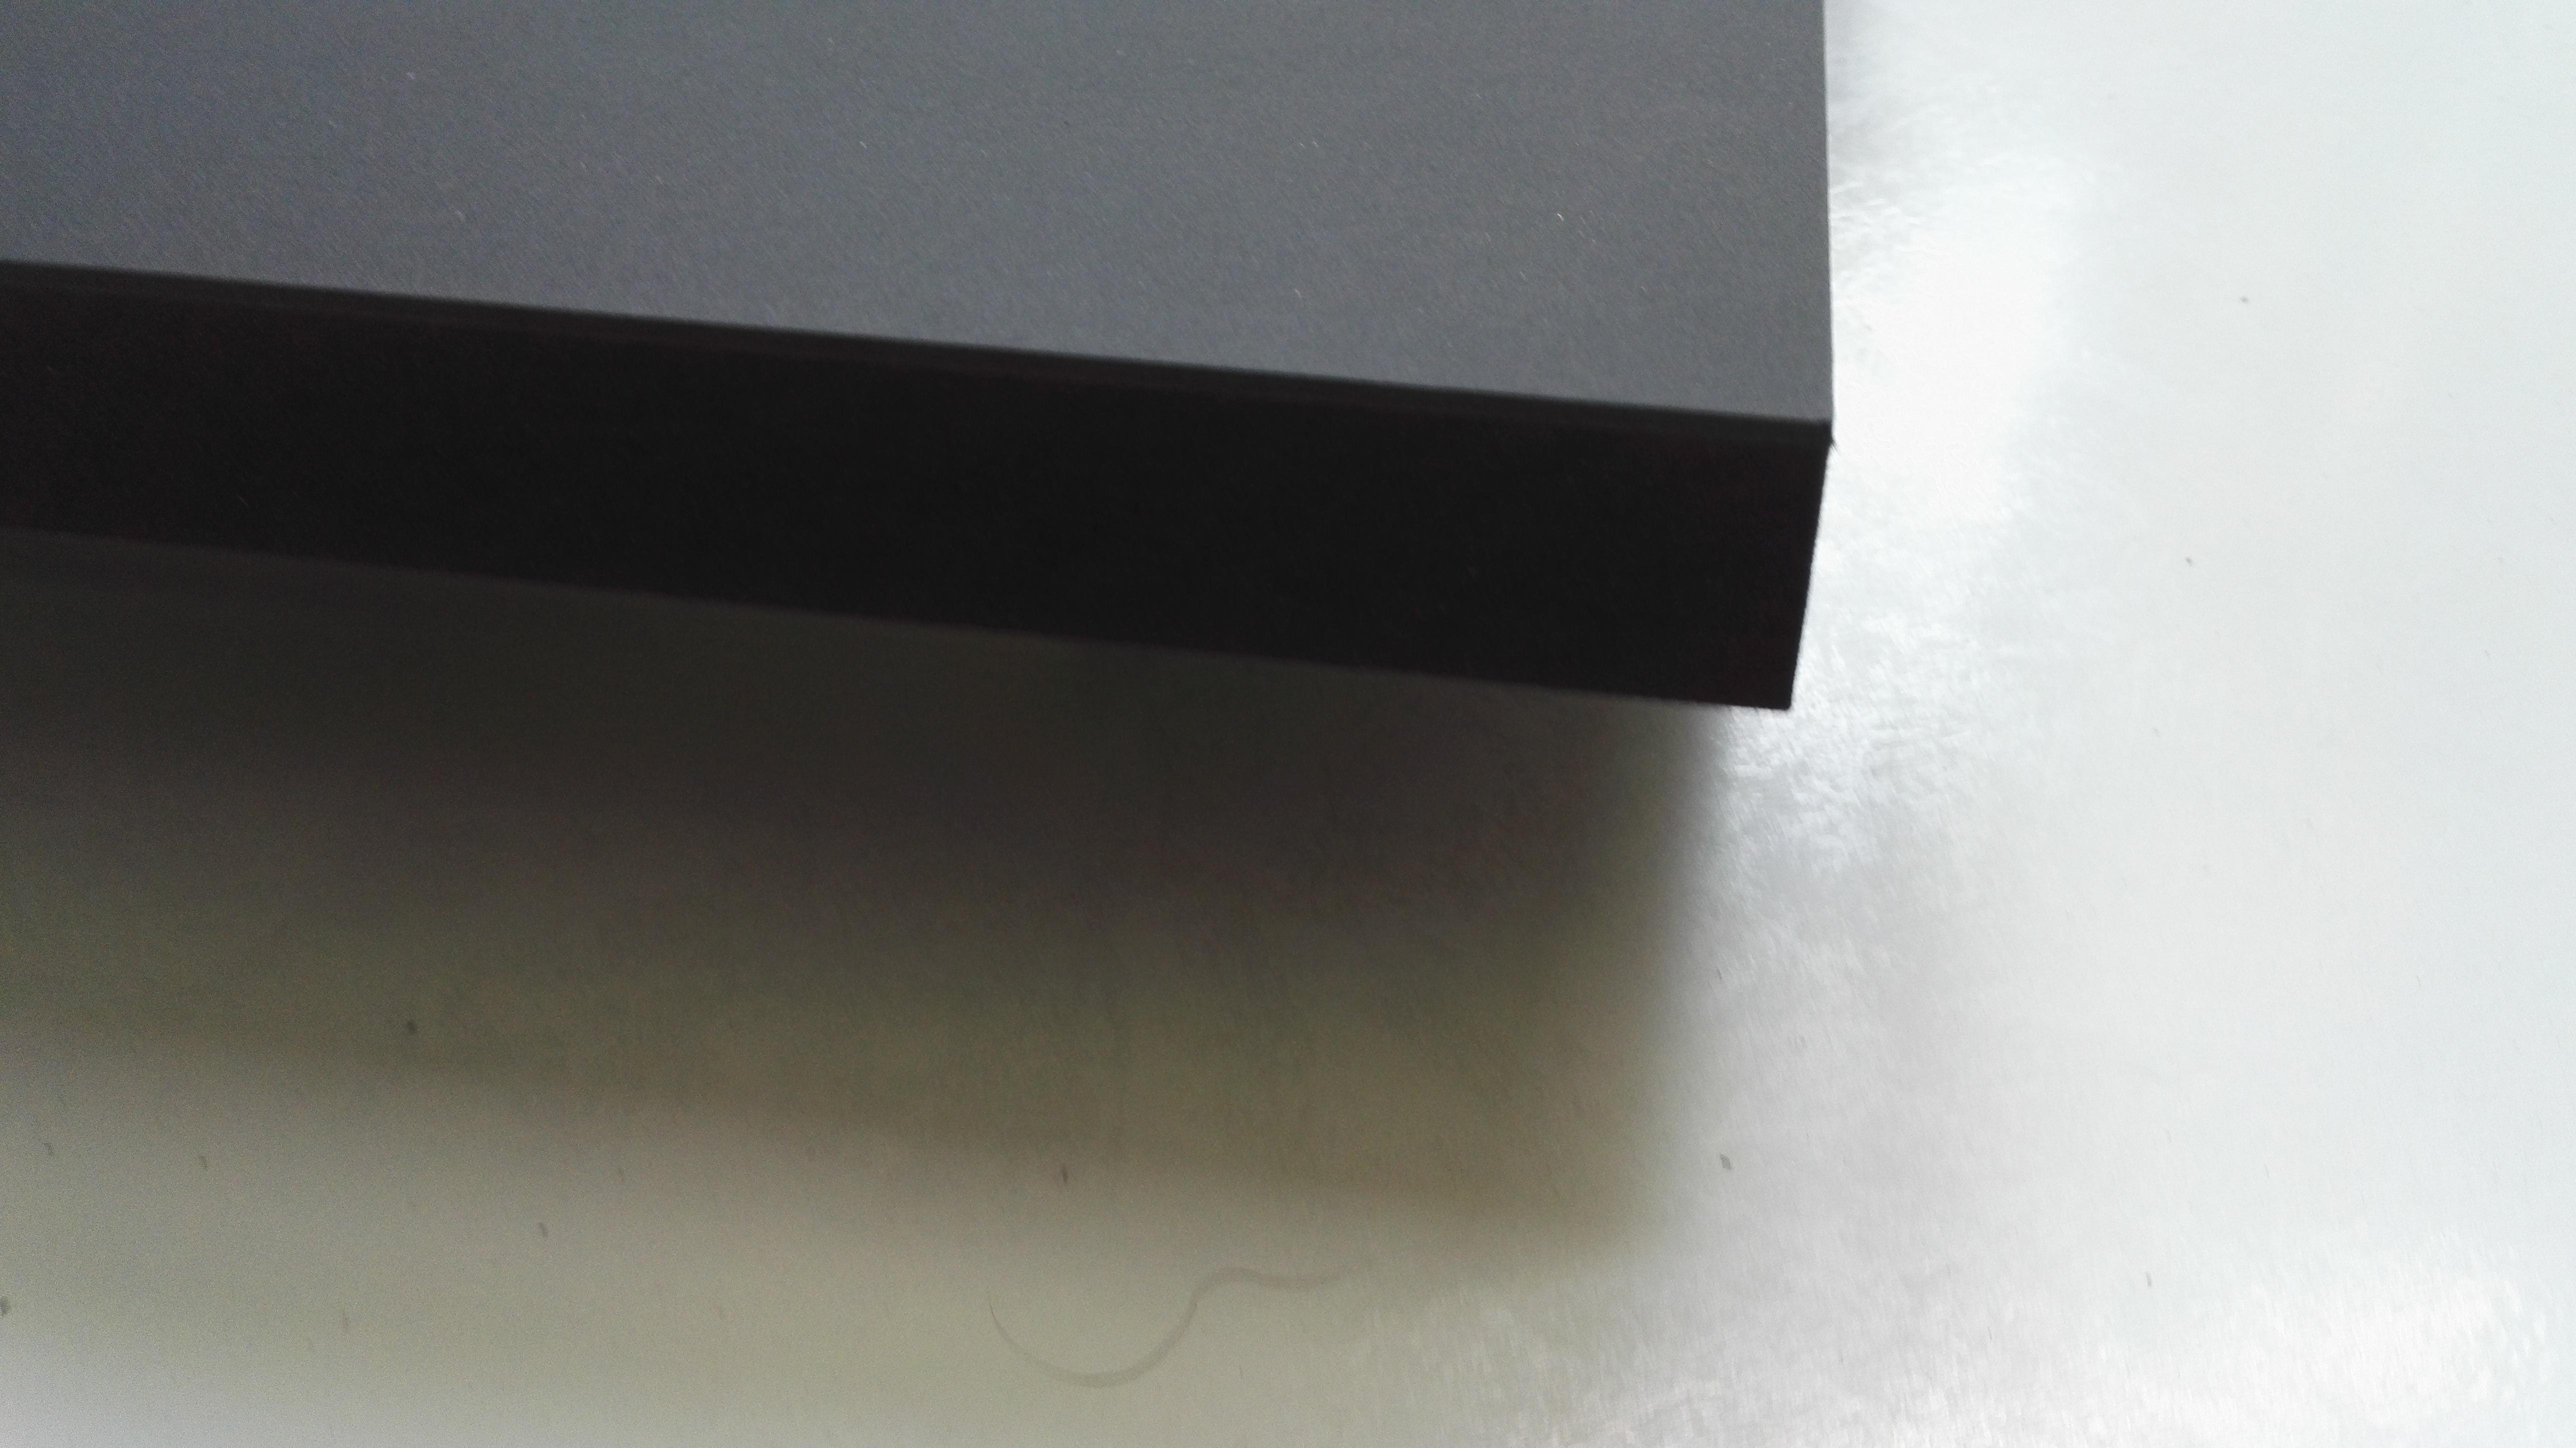 Lautsprecherbau thomaier schallwand zuschnitt mdf schwarz 19 mm einseitig mit linoleum schwarz - Linoleum schwarz ...